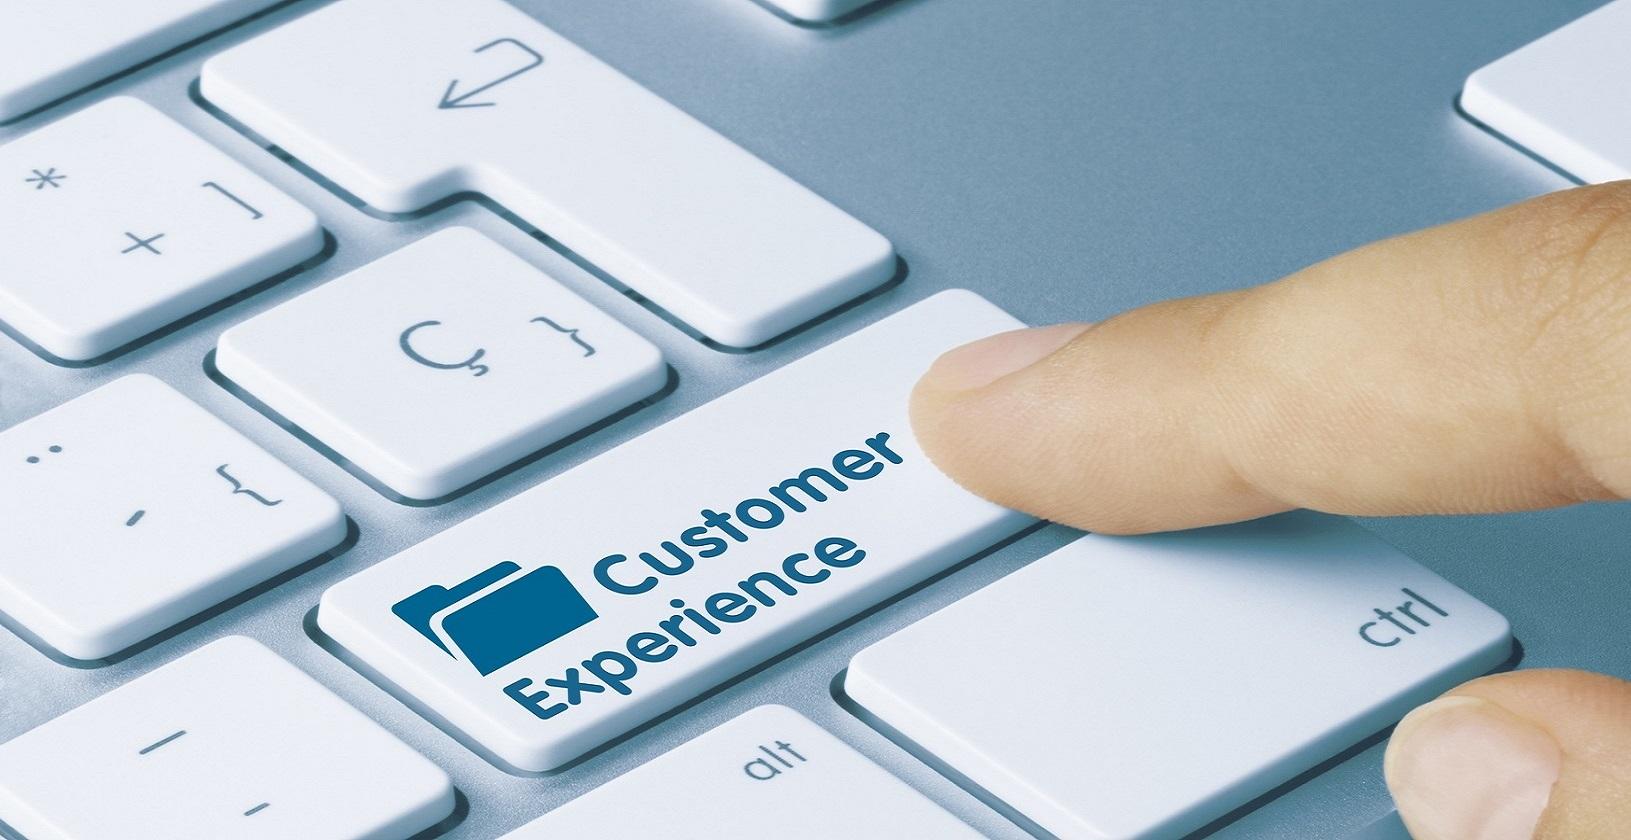 Il nuovo successo delle aziende si chiama Customer Experience